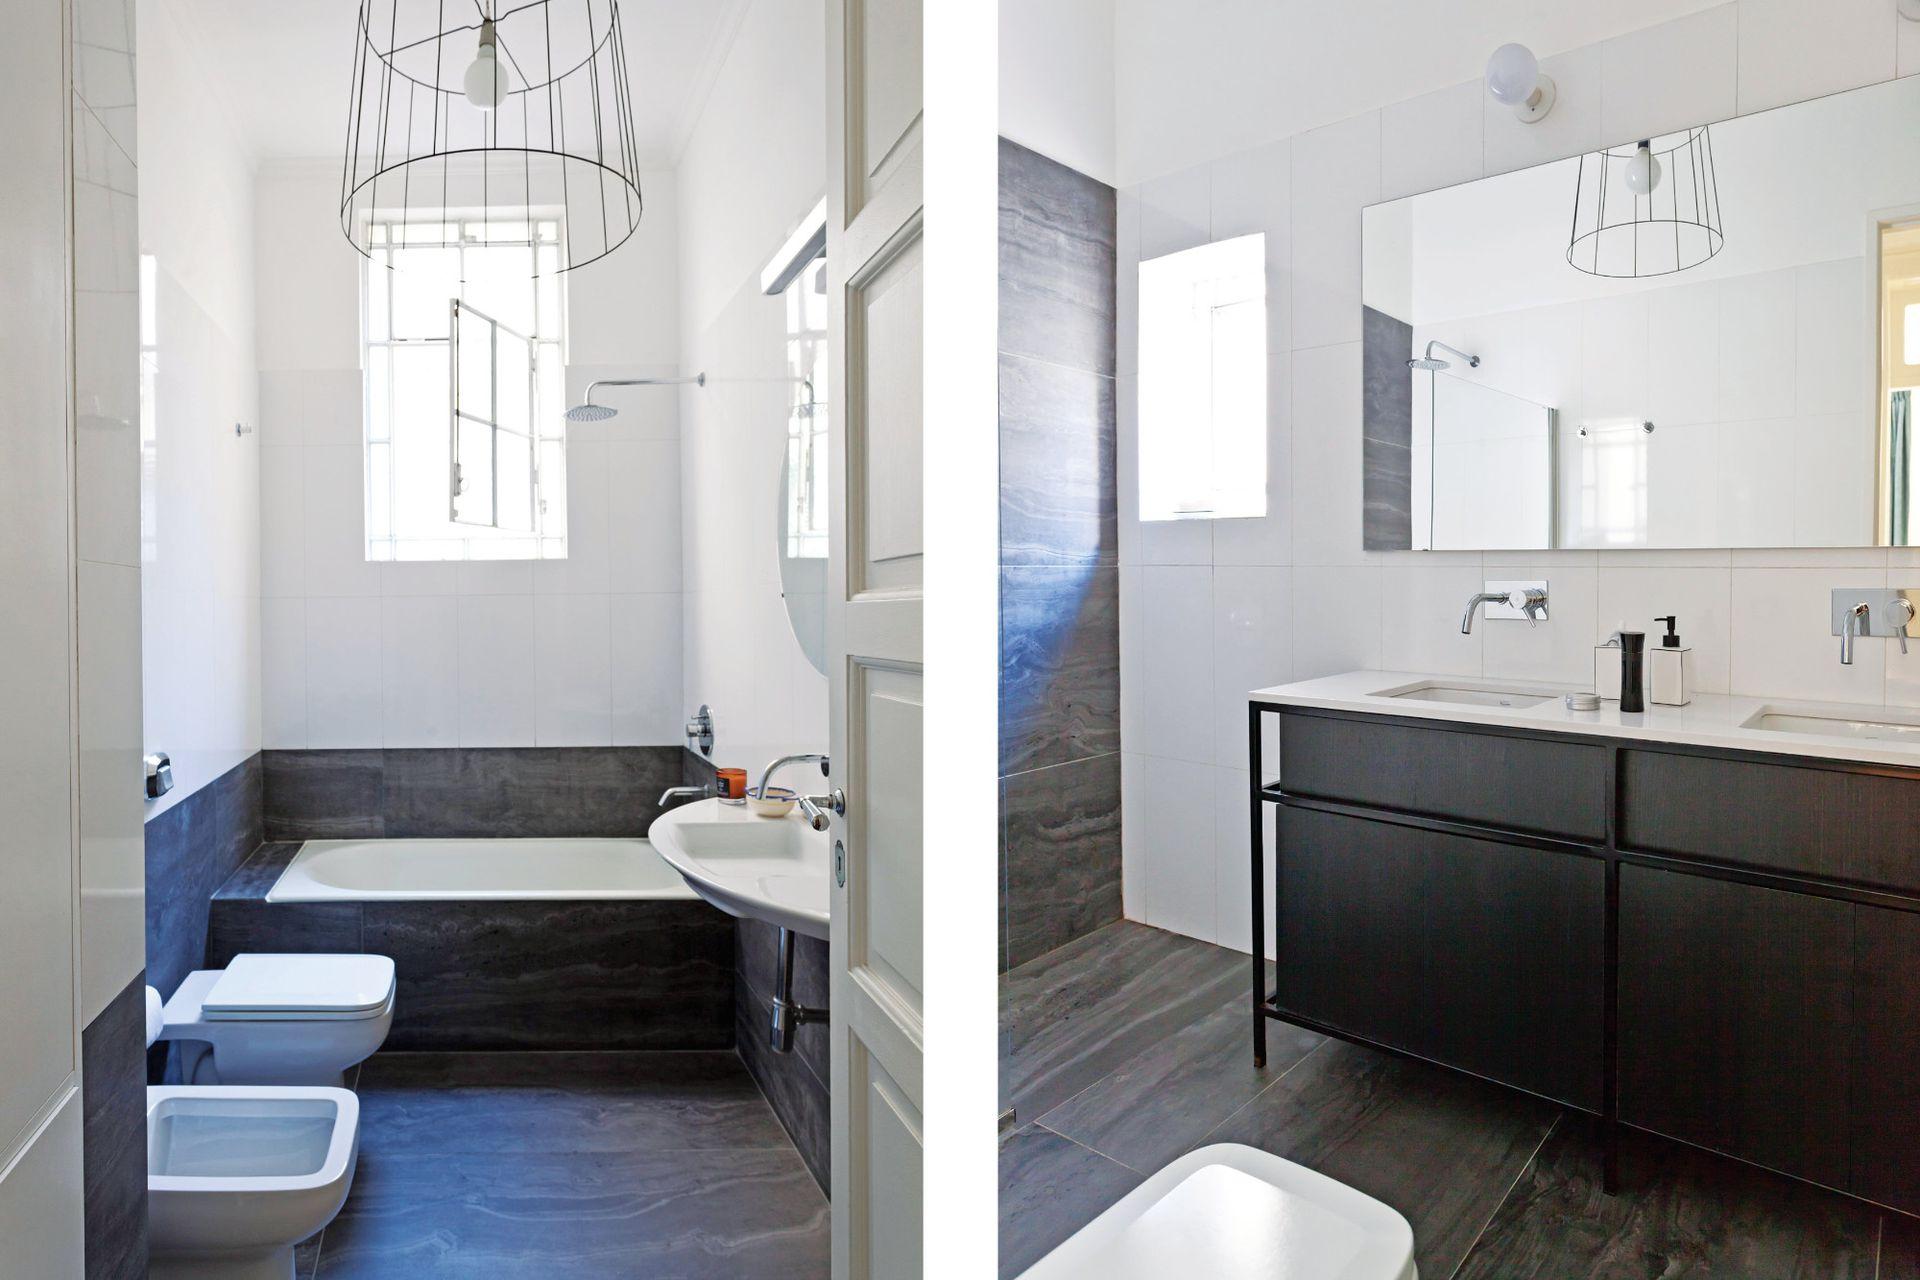 En ambos baños, lámparas diseñadas por el Arq. Tomás Magrane. El mueble que sostiene dos bachas le agrega espacio de guardado al baño en suite (Estudio Trama y taller Kiri). El contraste con el nuevo porcelanato símil Travertino negro le dio luz a las paredes.